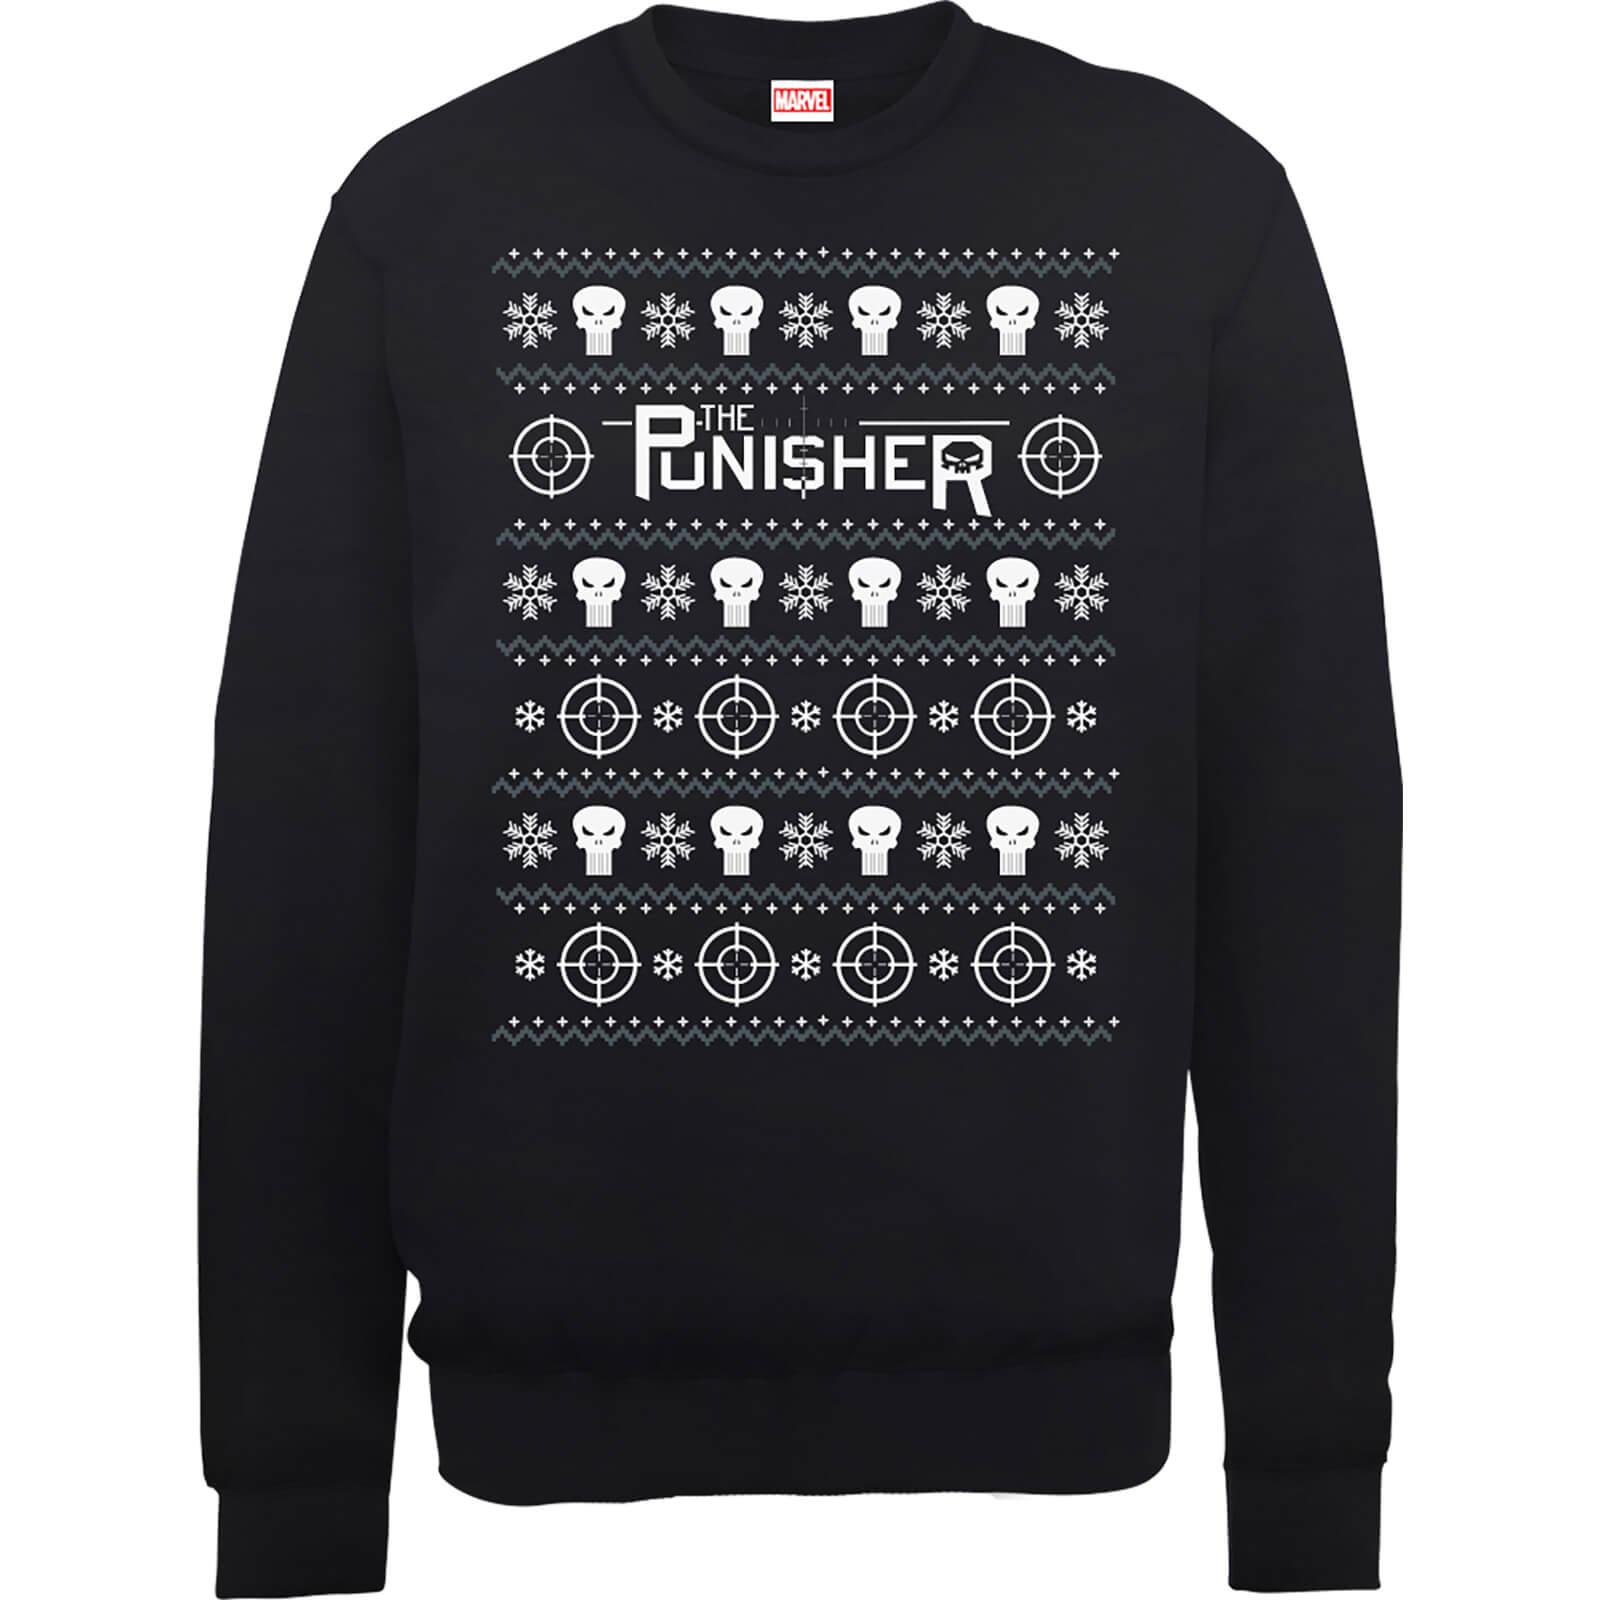 Marvel The Punisher Black Christmas Sweatshirt Clothing | Zavvi US